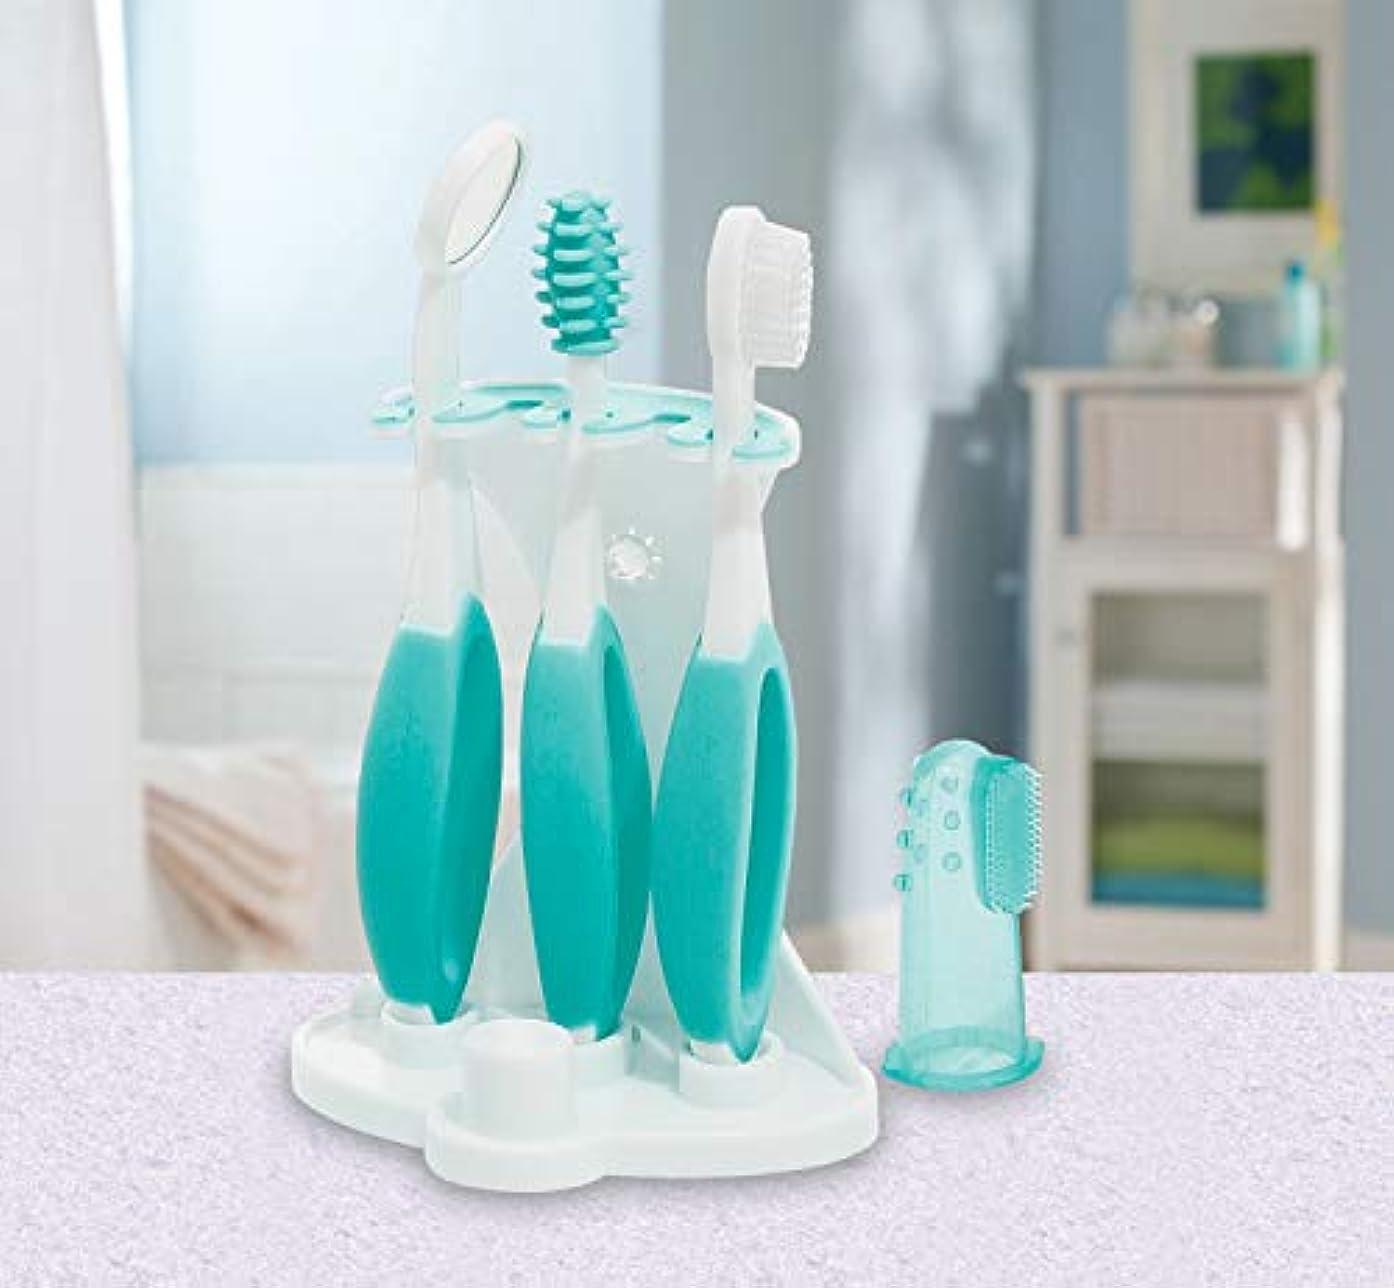 勧告補うラッドヤードキップリングSummer Infant, Oral Care Kit, 5 Piece Kit